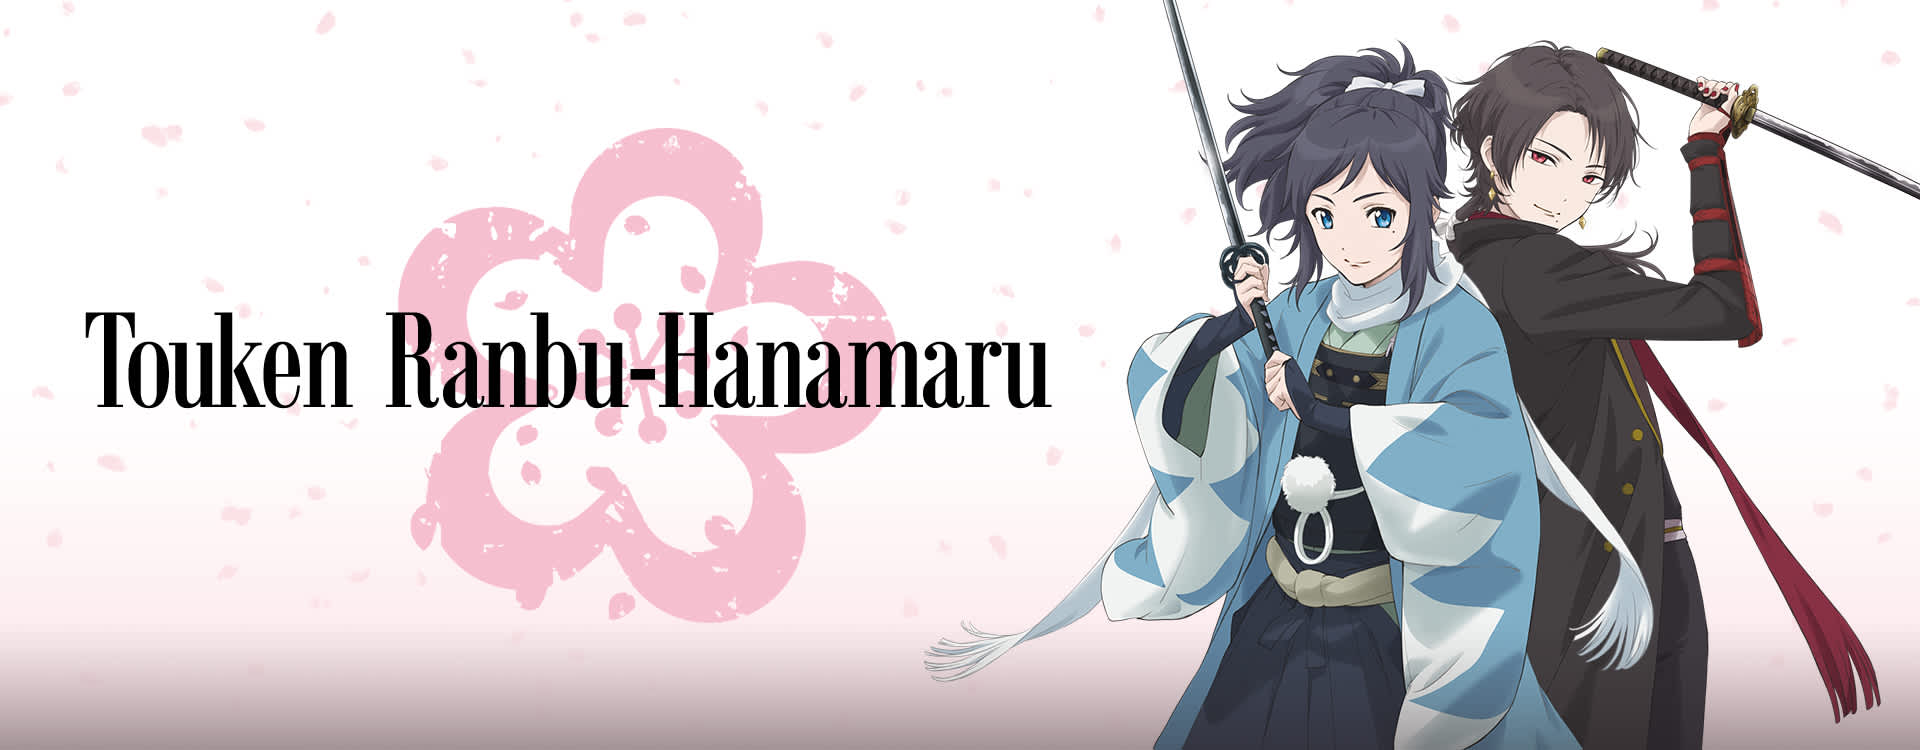 Touken Ranbu: Hanamaru